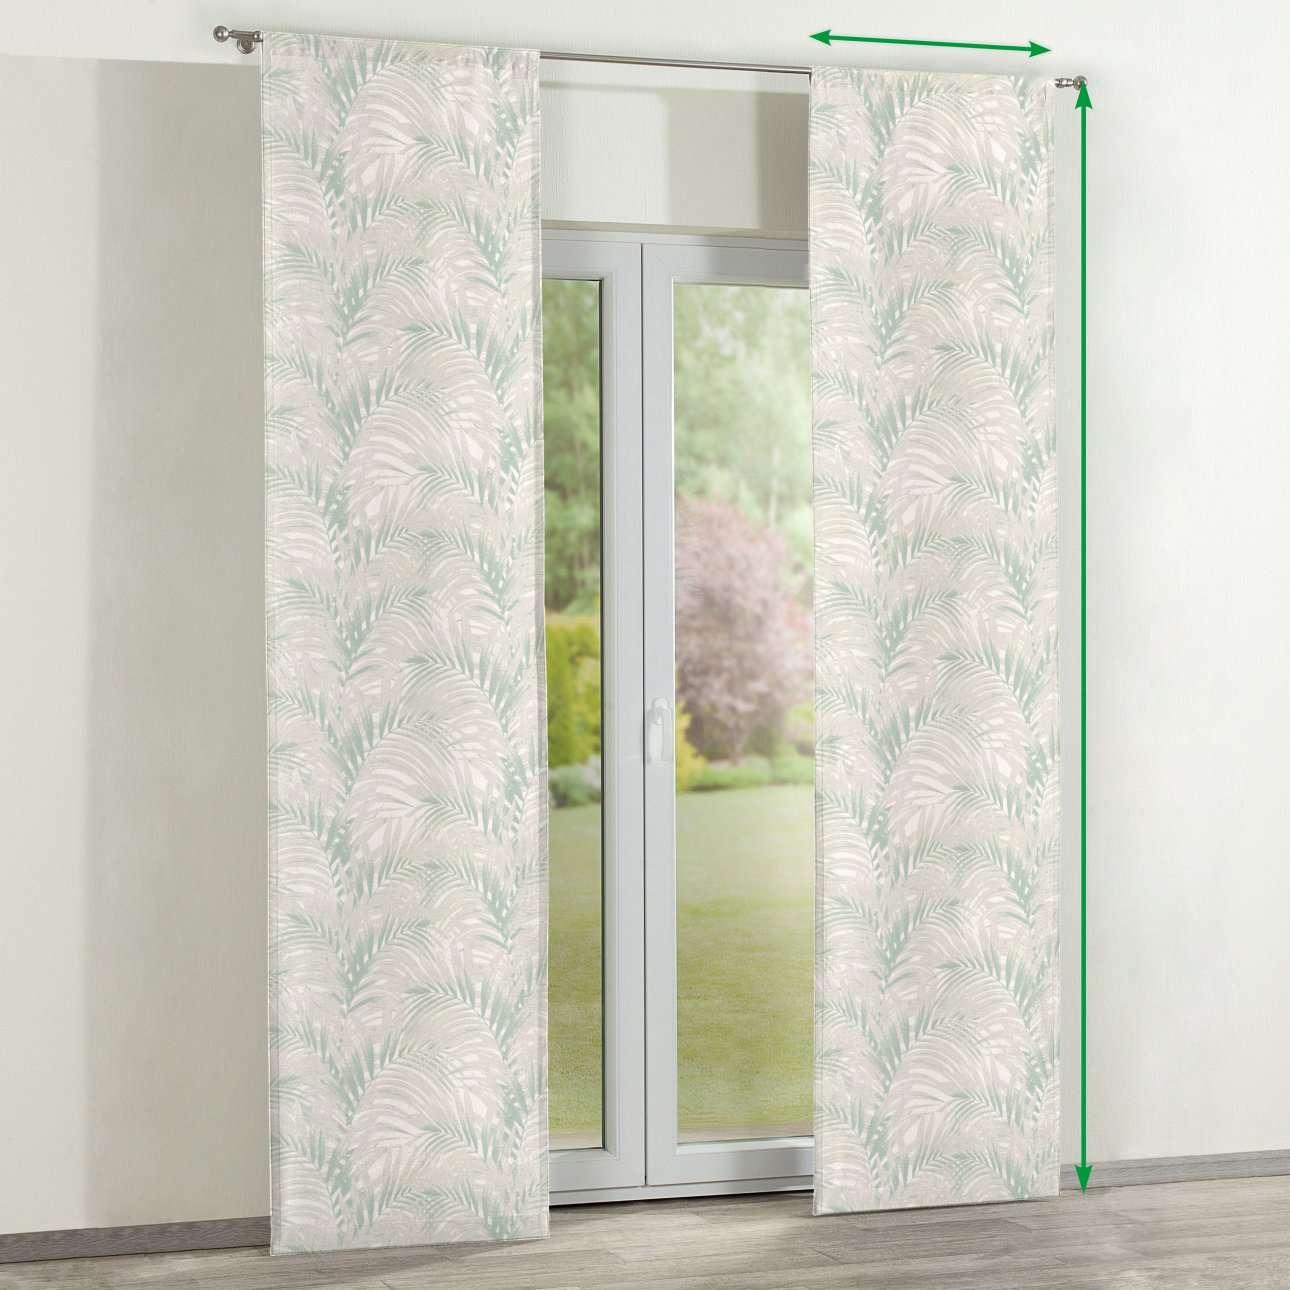 Zasłony panelowe 2 szt. w kolekcji Gardenia, tkanina: 142-15